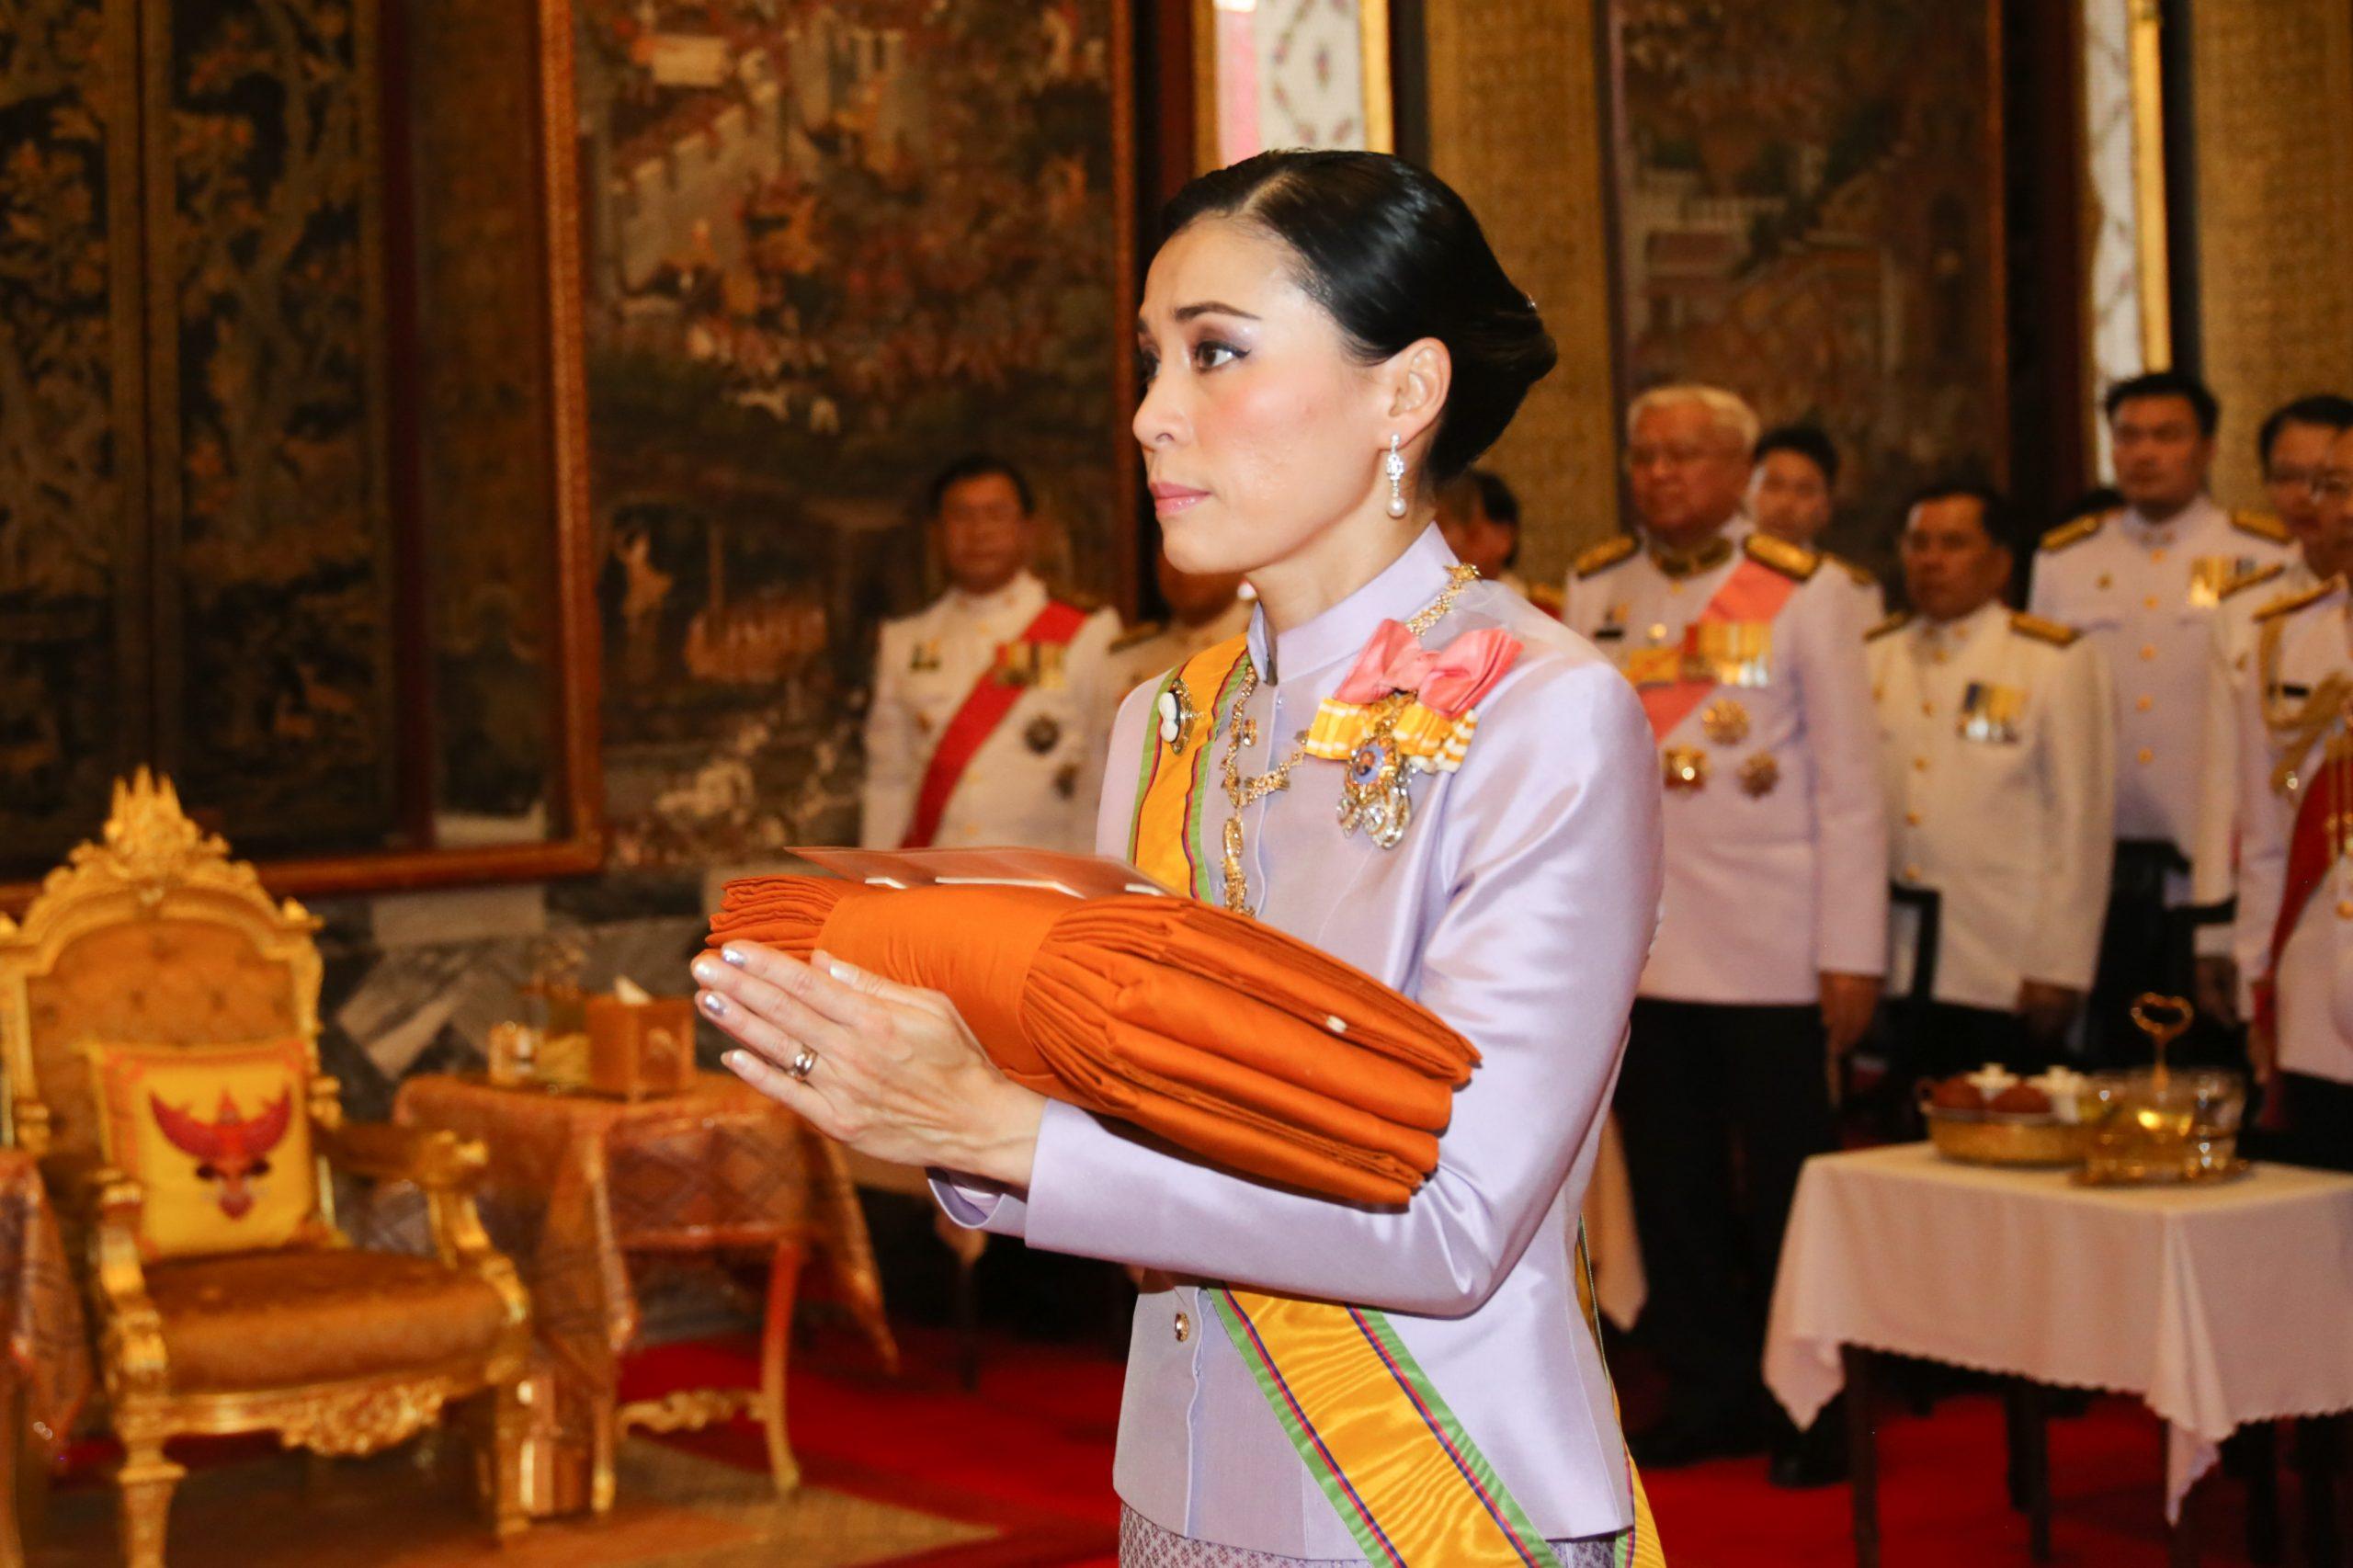 ข่าวสดวันนี้ ข่าวสมเด็จพระราชินี ถวายผ้ากฐิน